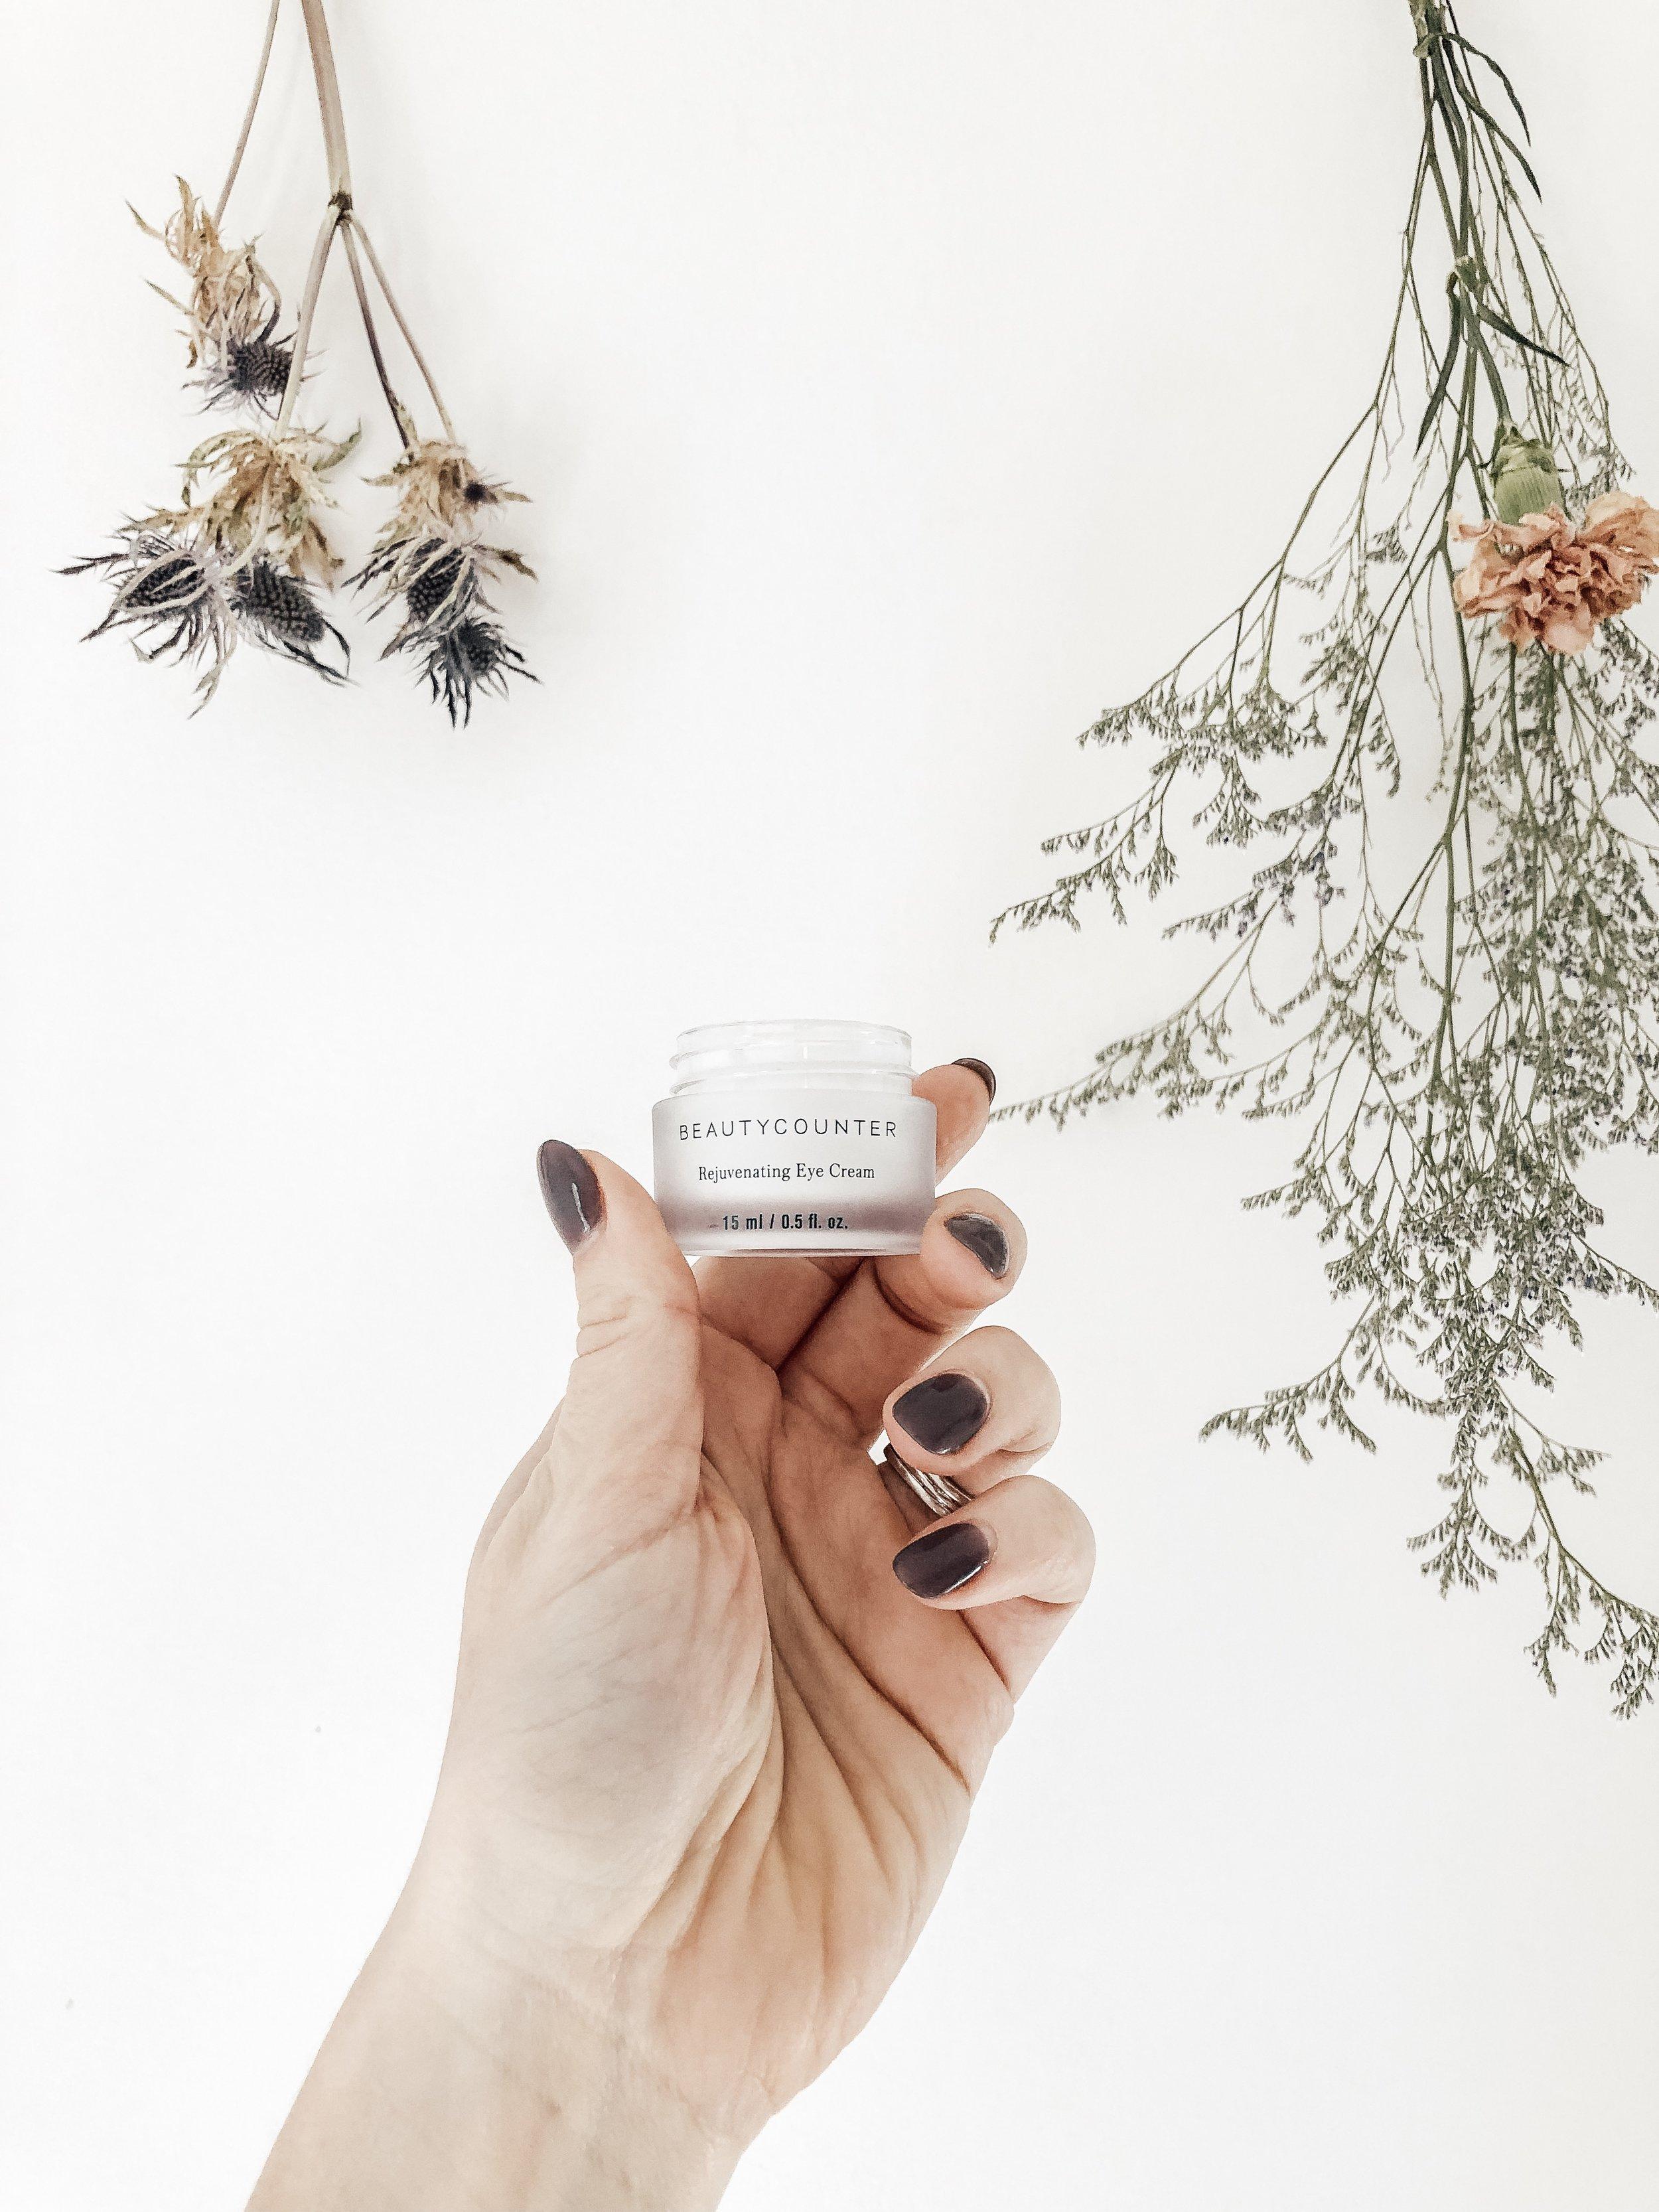 beautycounter rejuvinating night cream